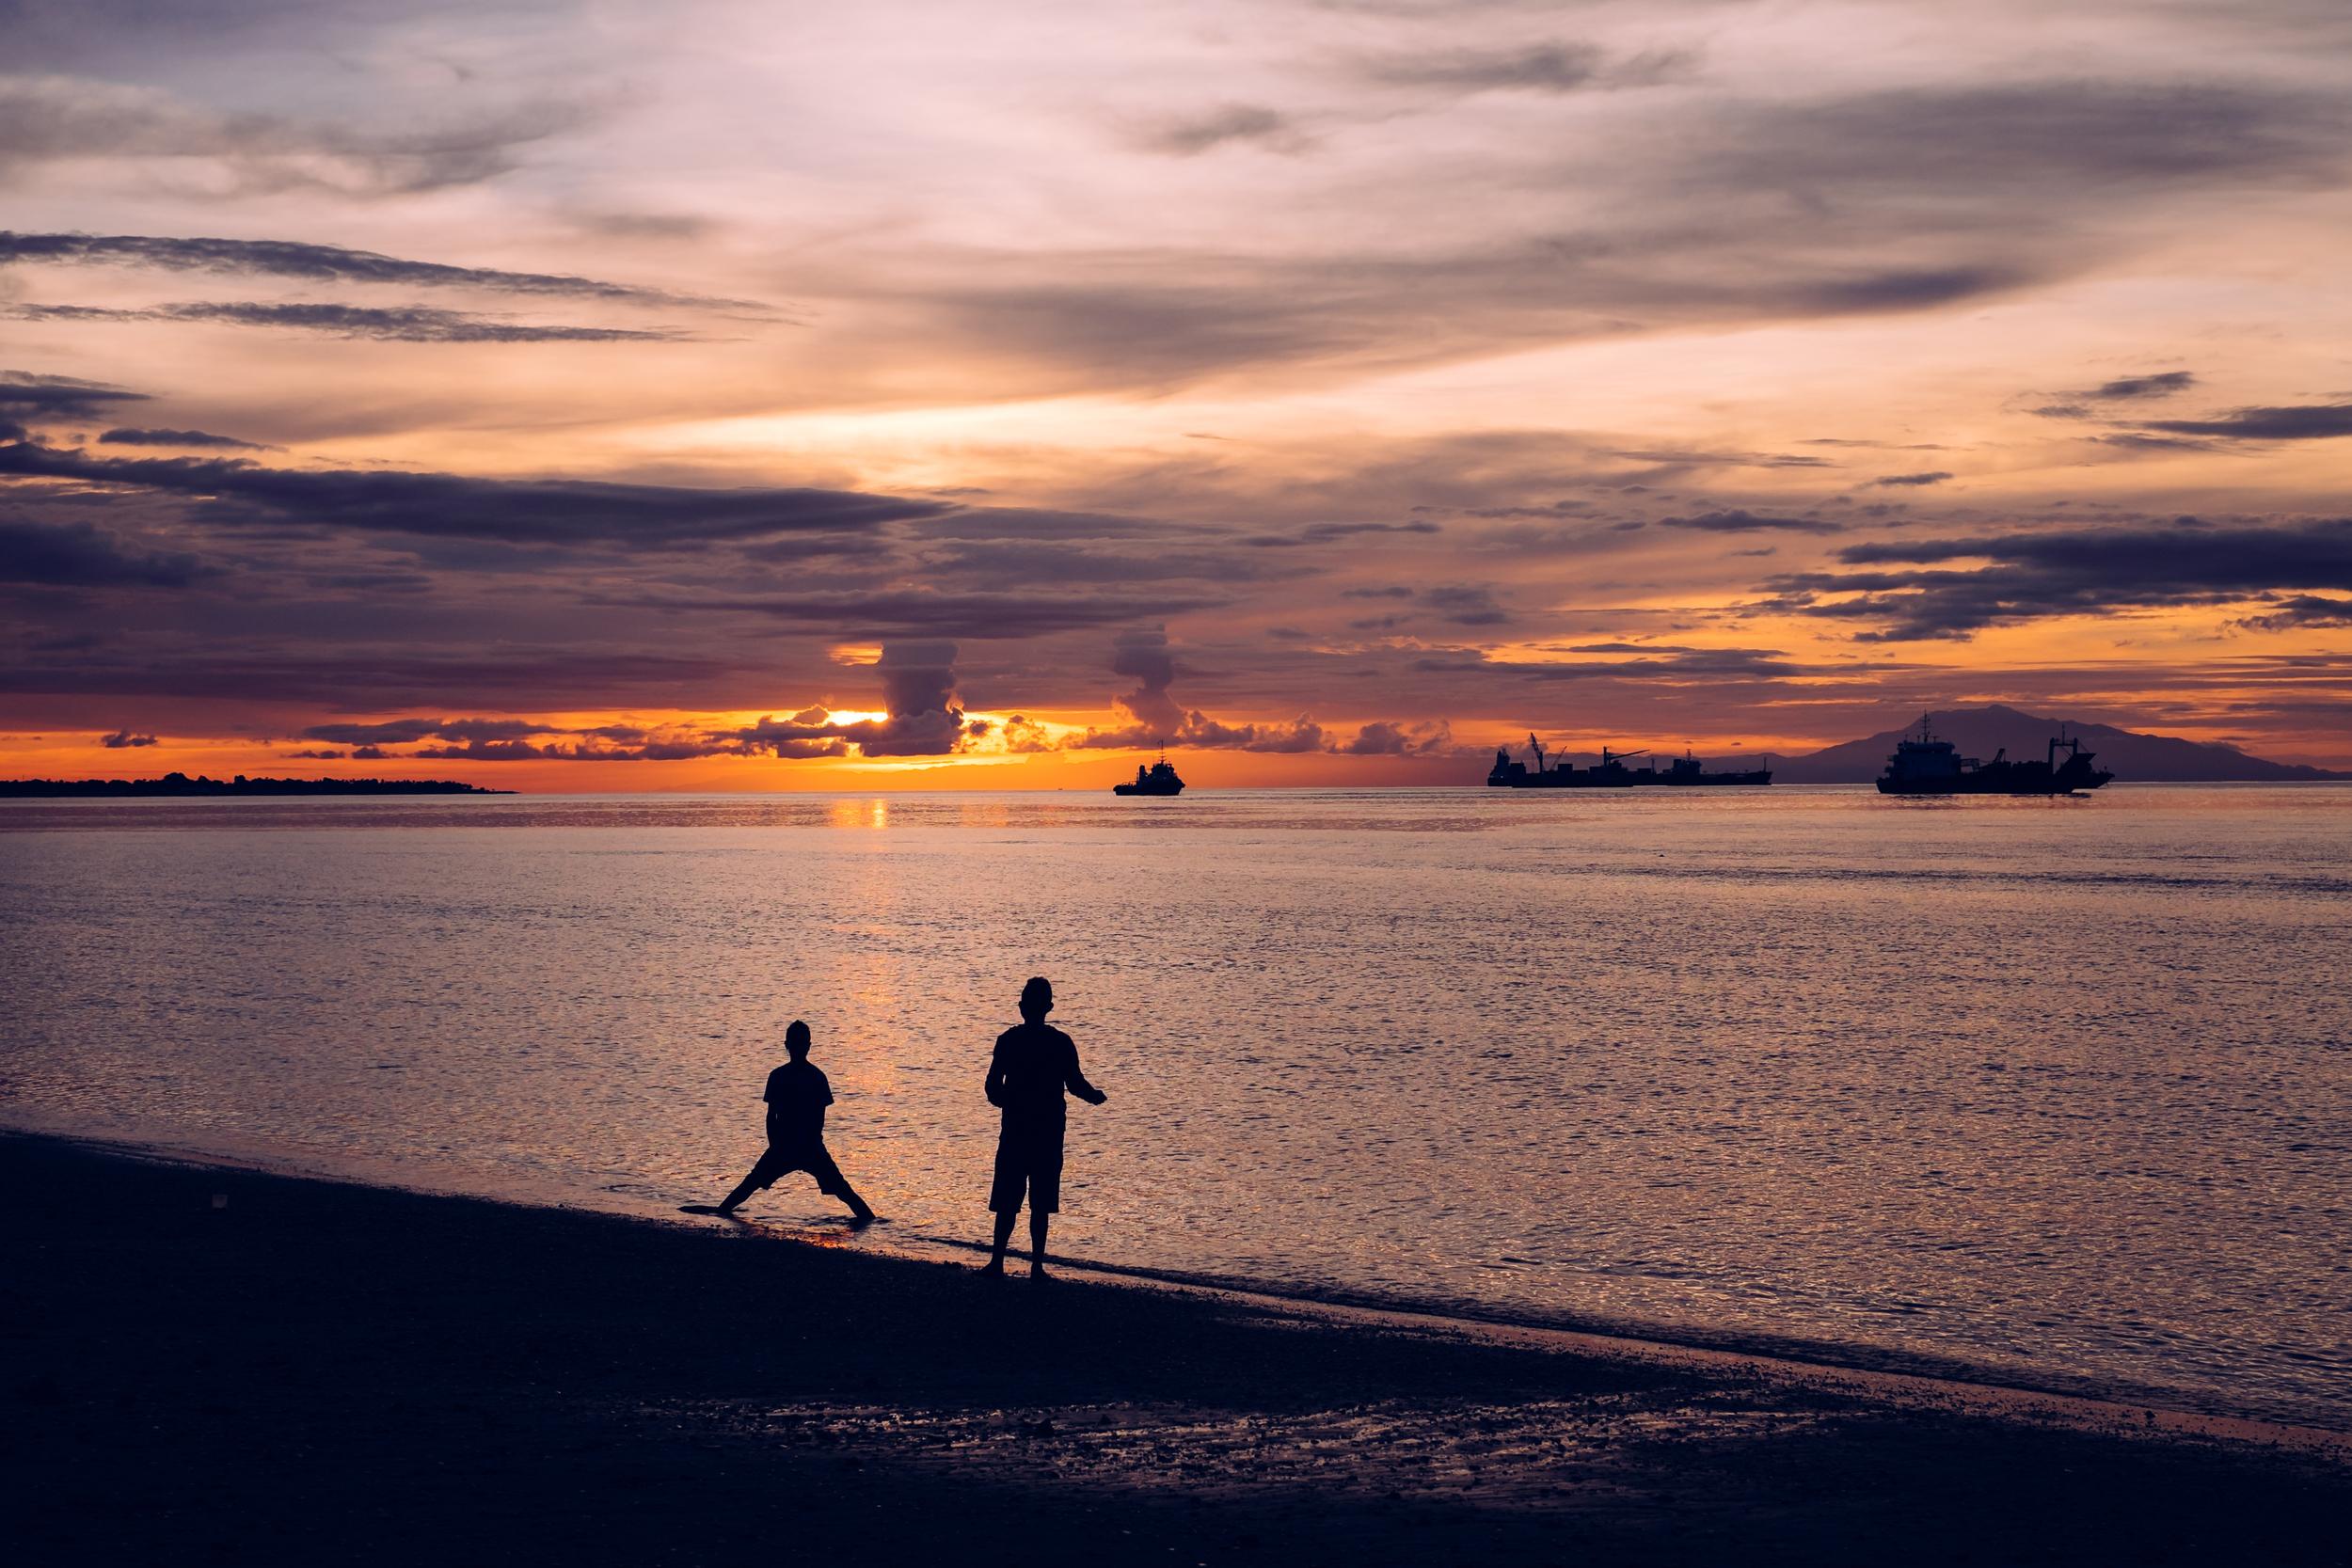 An epic sunset in Dili, Timor Leste